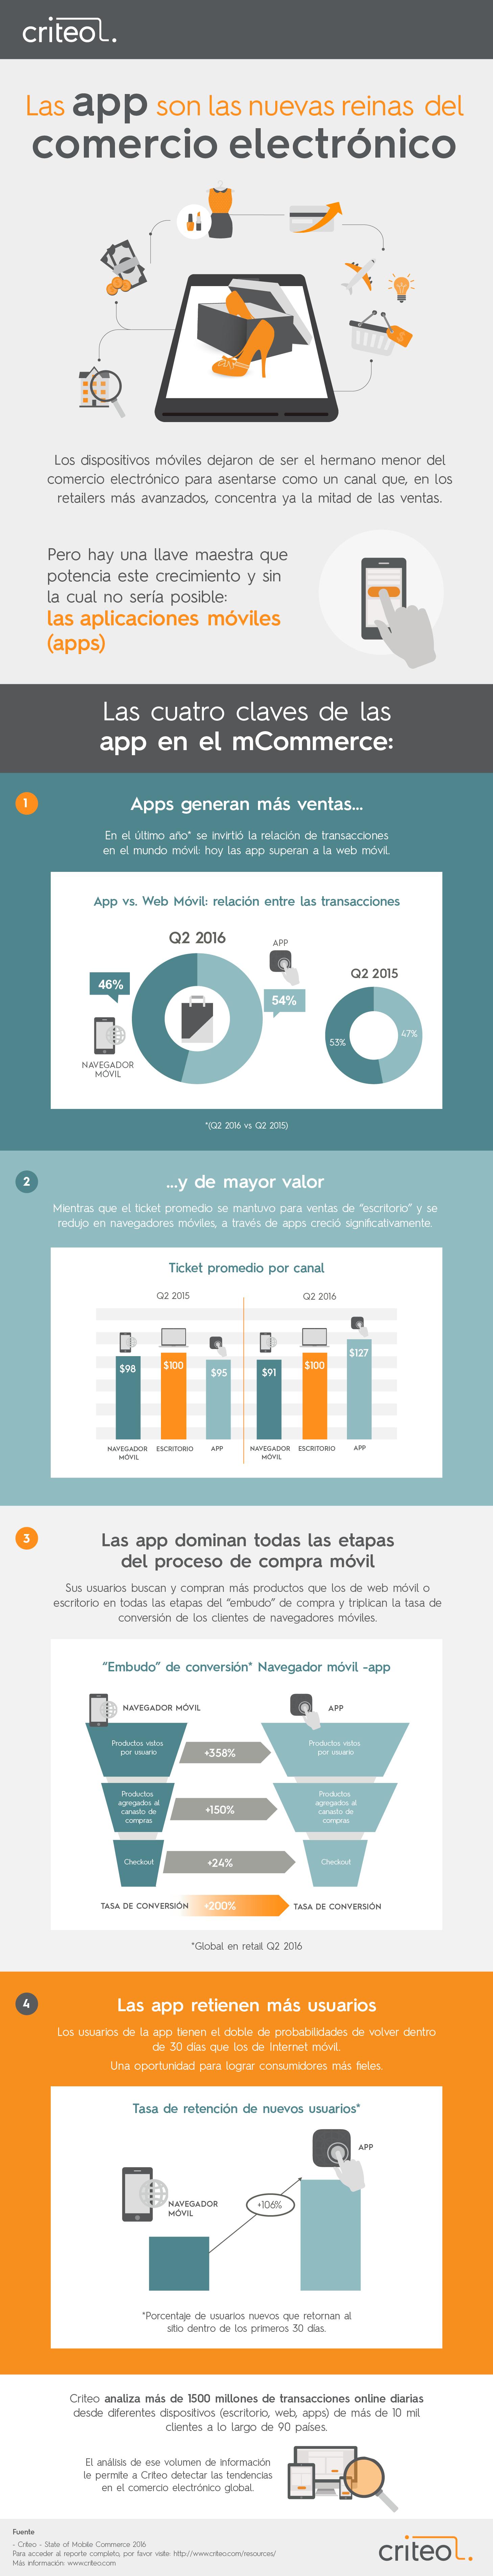 infografia-criteo-mcommerce